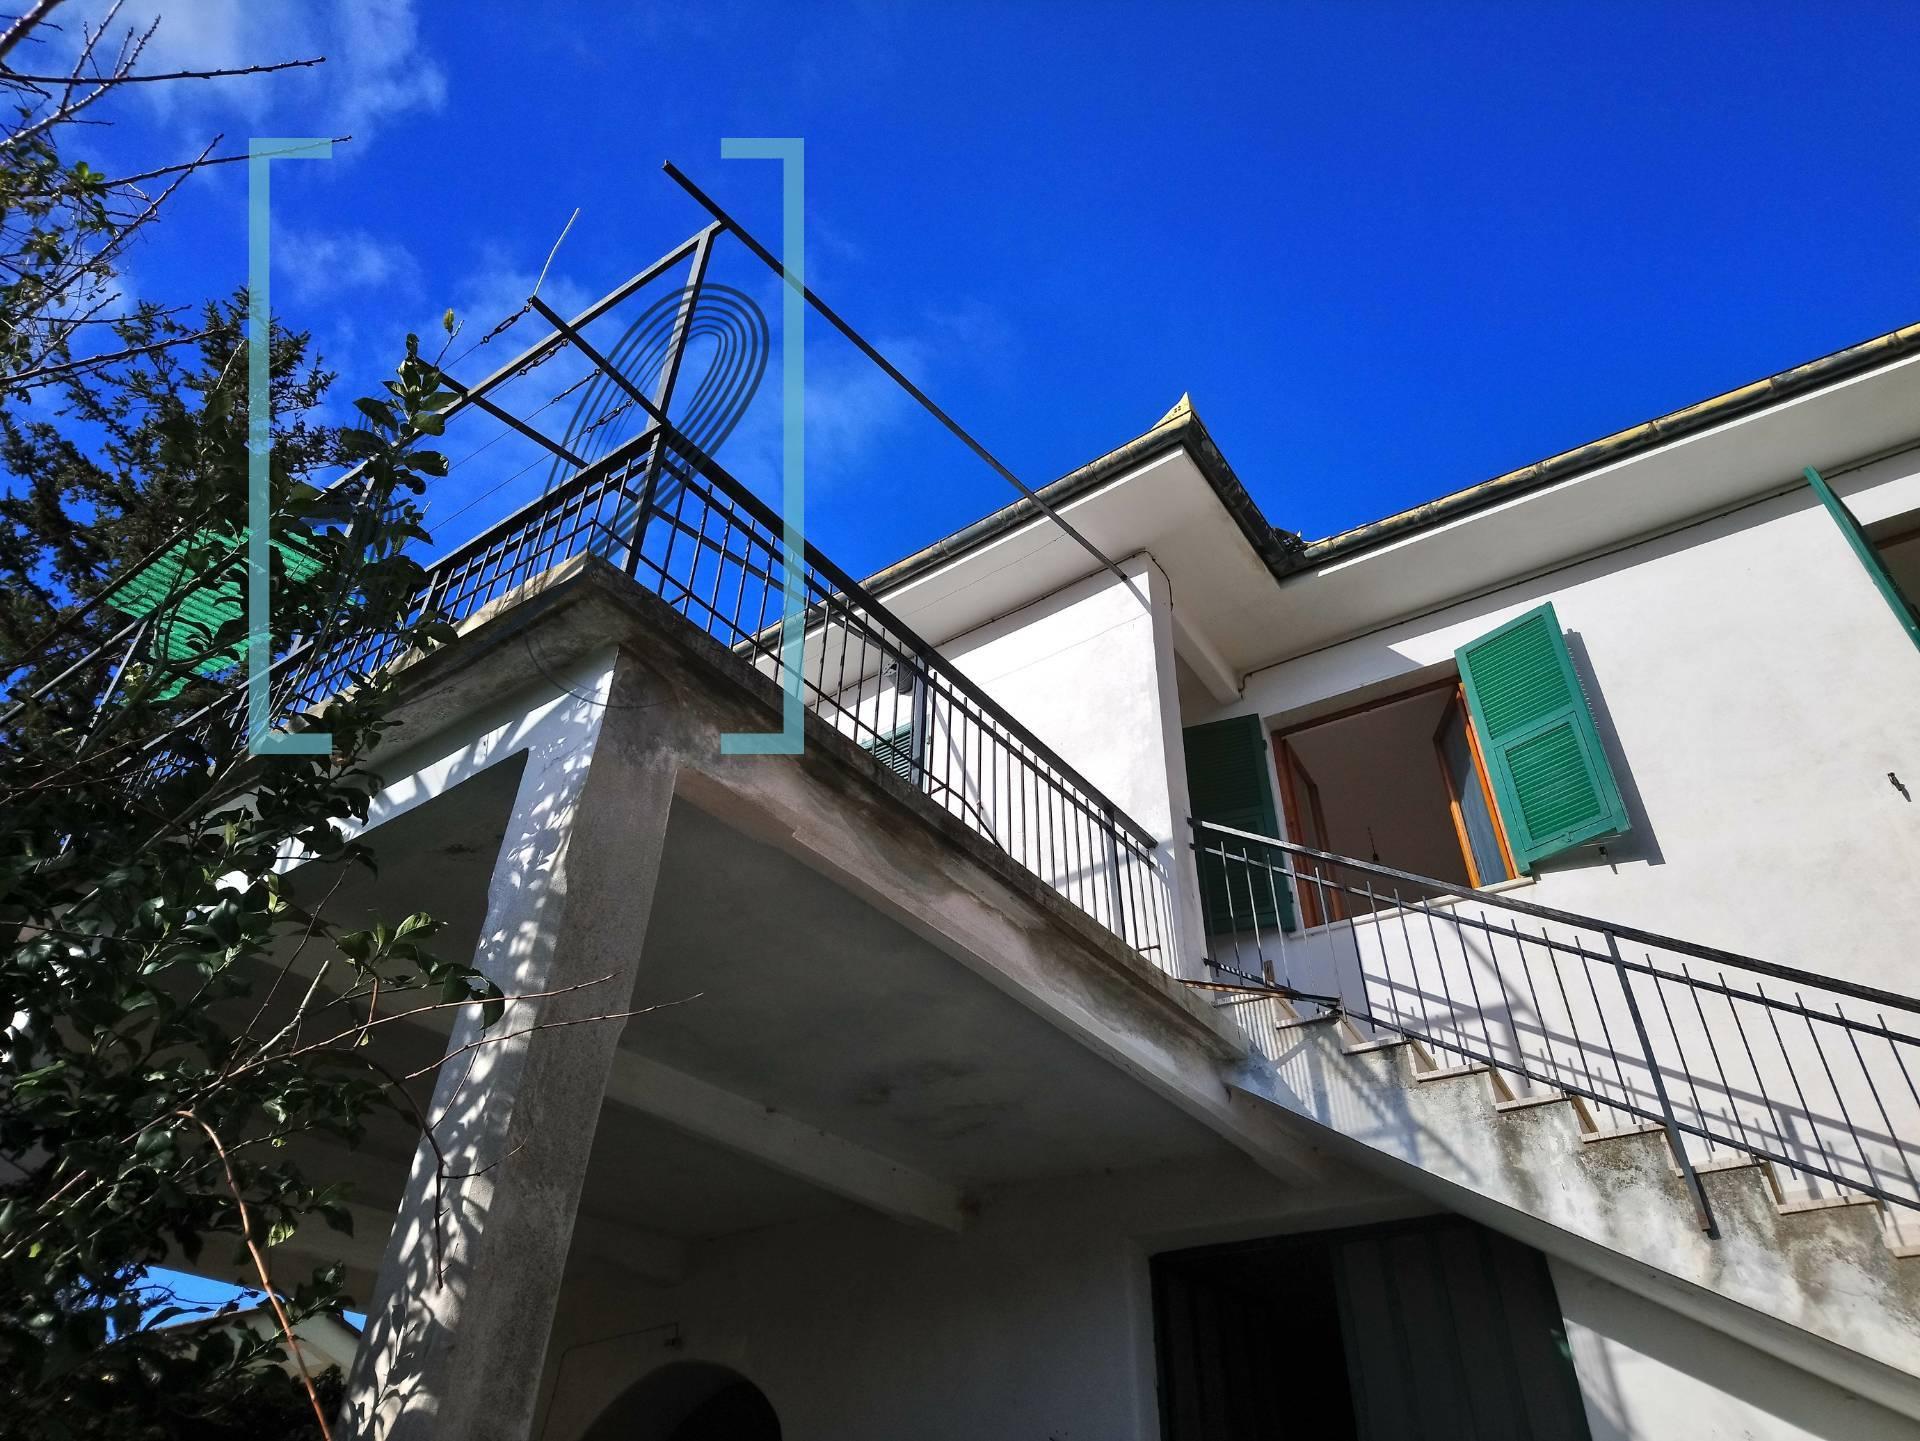 Rustico / Casale in vendita a Arnasco, 4 locali, zona Località: BezzoChiesa, prezzo € 140.000 | PortaleAgenzieImmobiliari.it